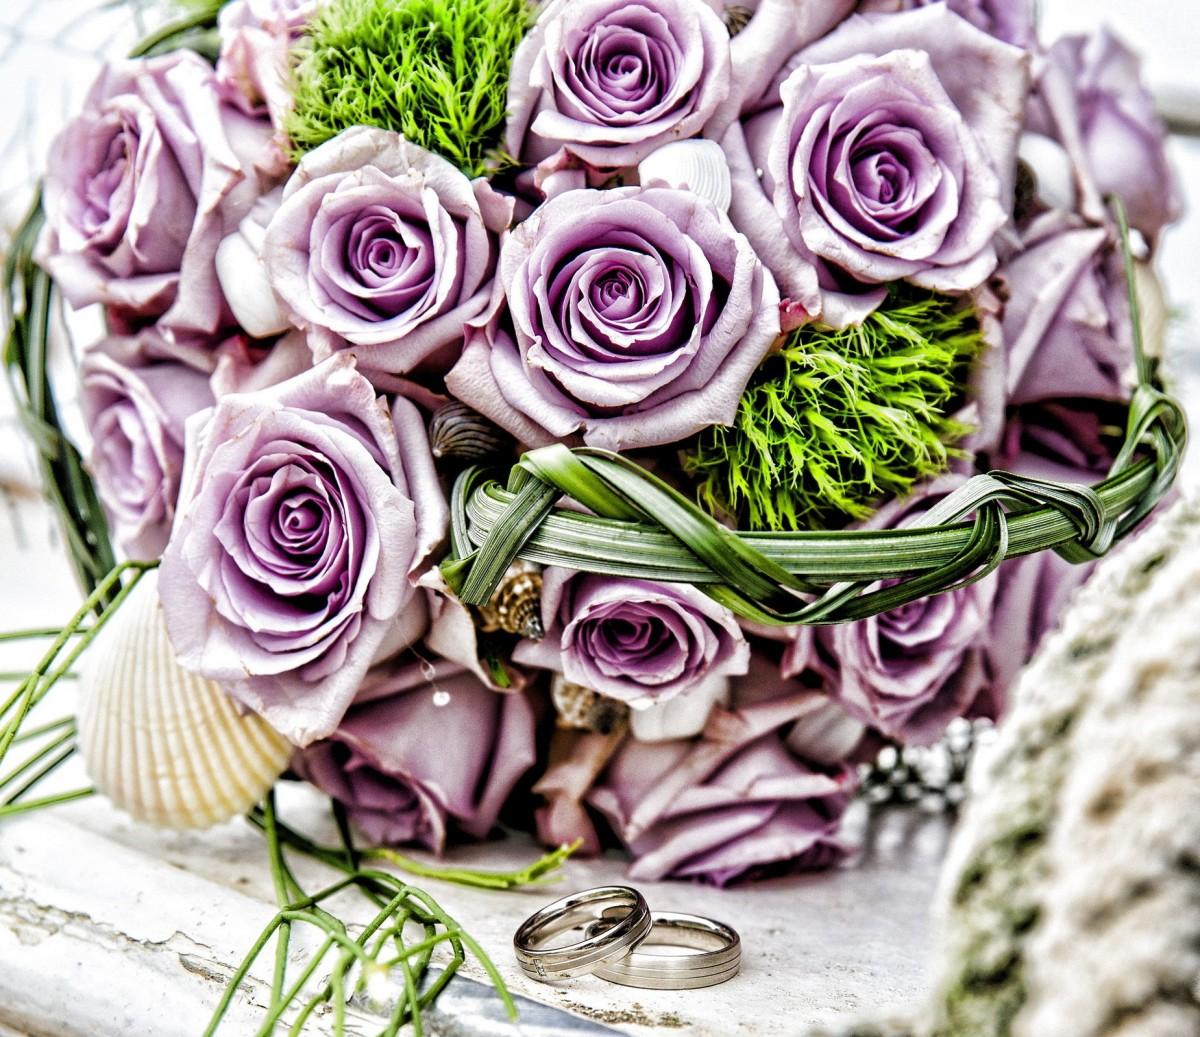 O quebra-cabeça Recolher o quebra-cabeças on-line - Bridal bouquet